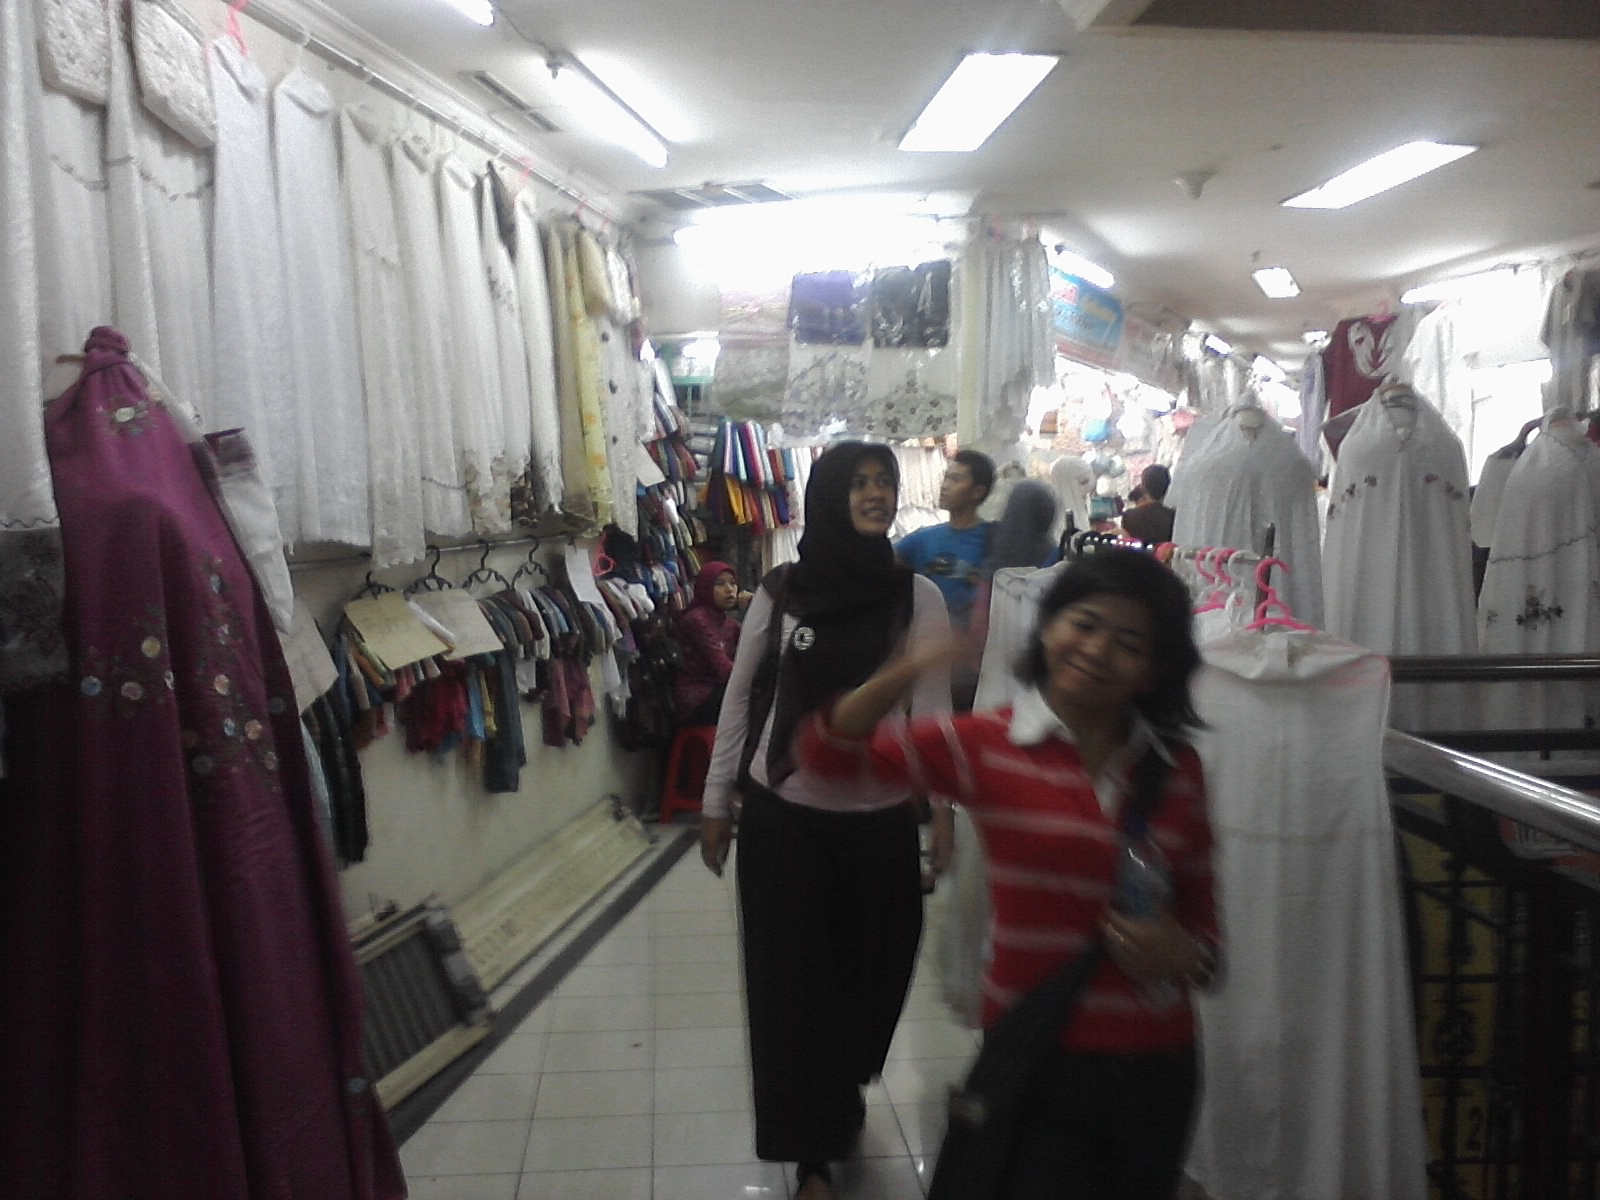 Wisata belanja di bandung pasar baru bandung Baju gamis pasar baru bandung